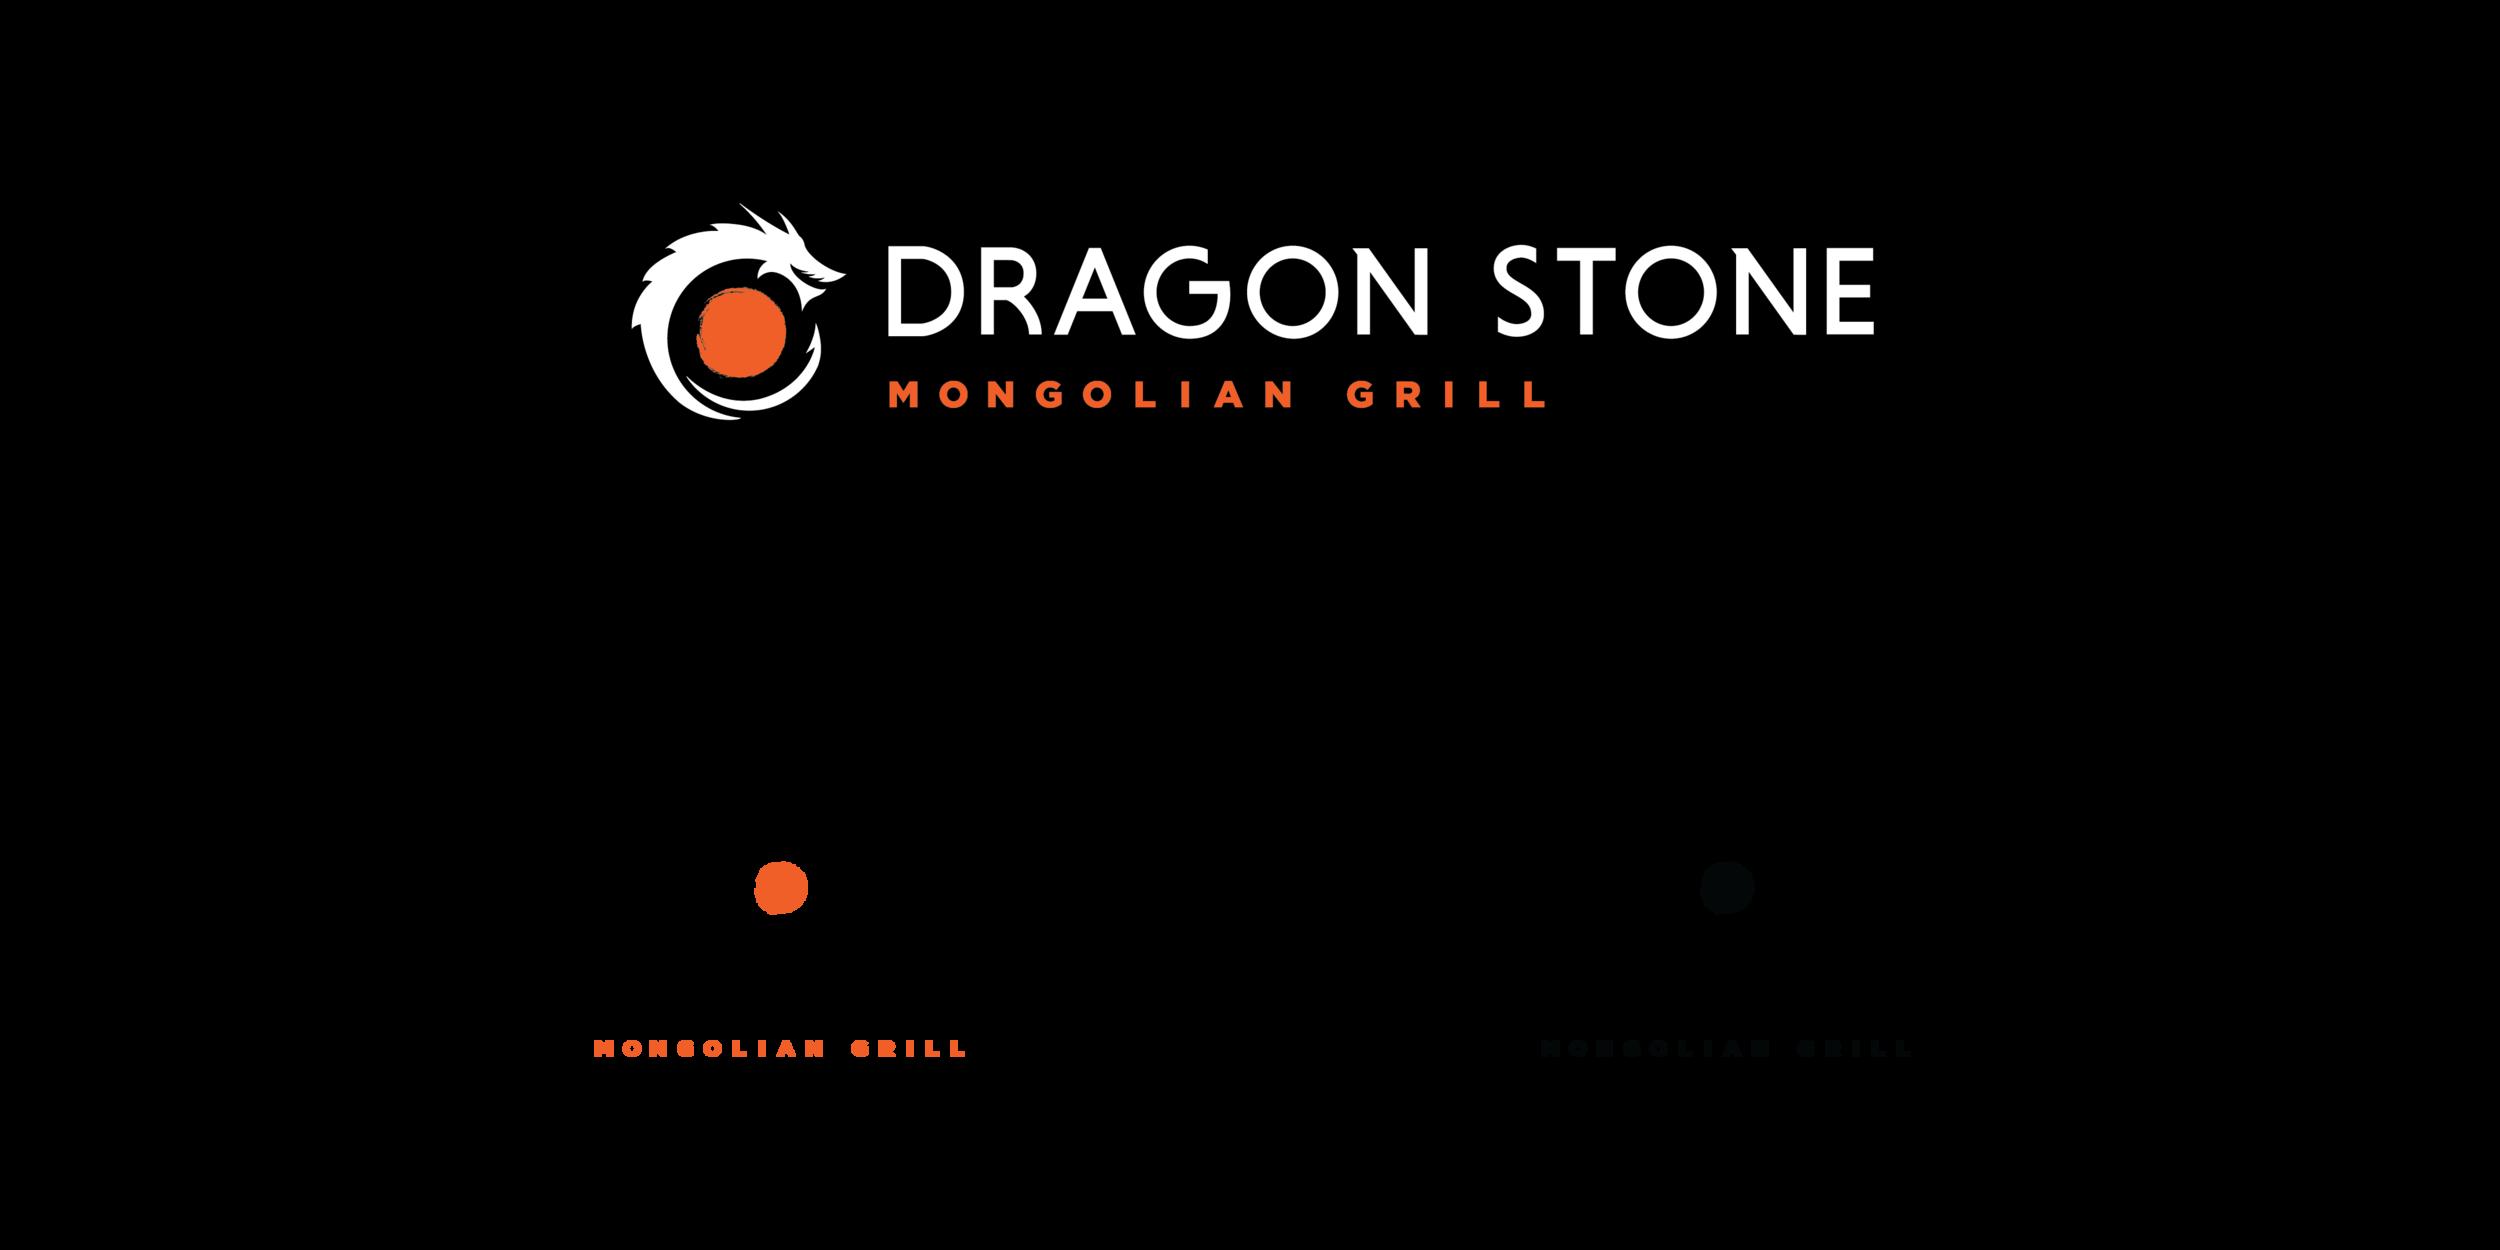 DragonStone_Logos.png